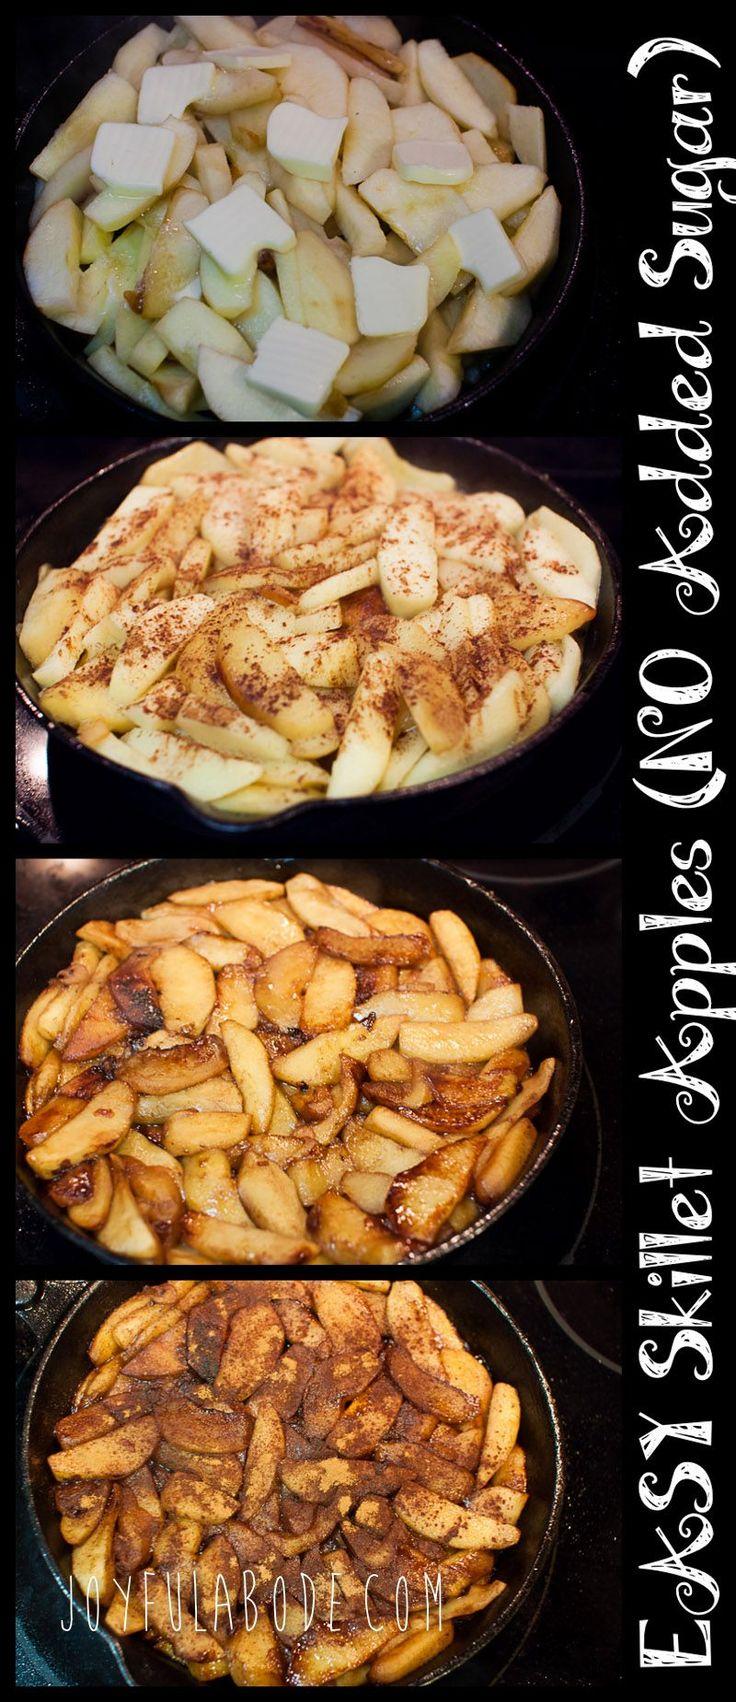 Apple Pie Recipes | TheBestDessertRecipes.com